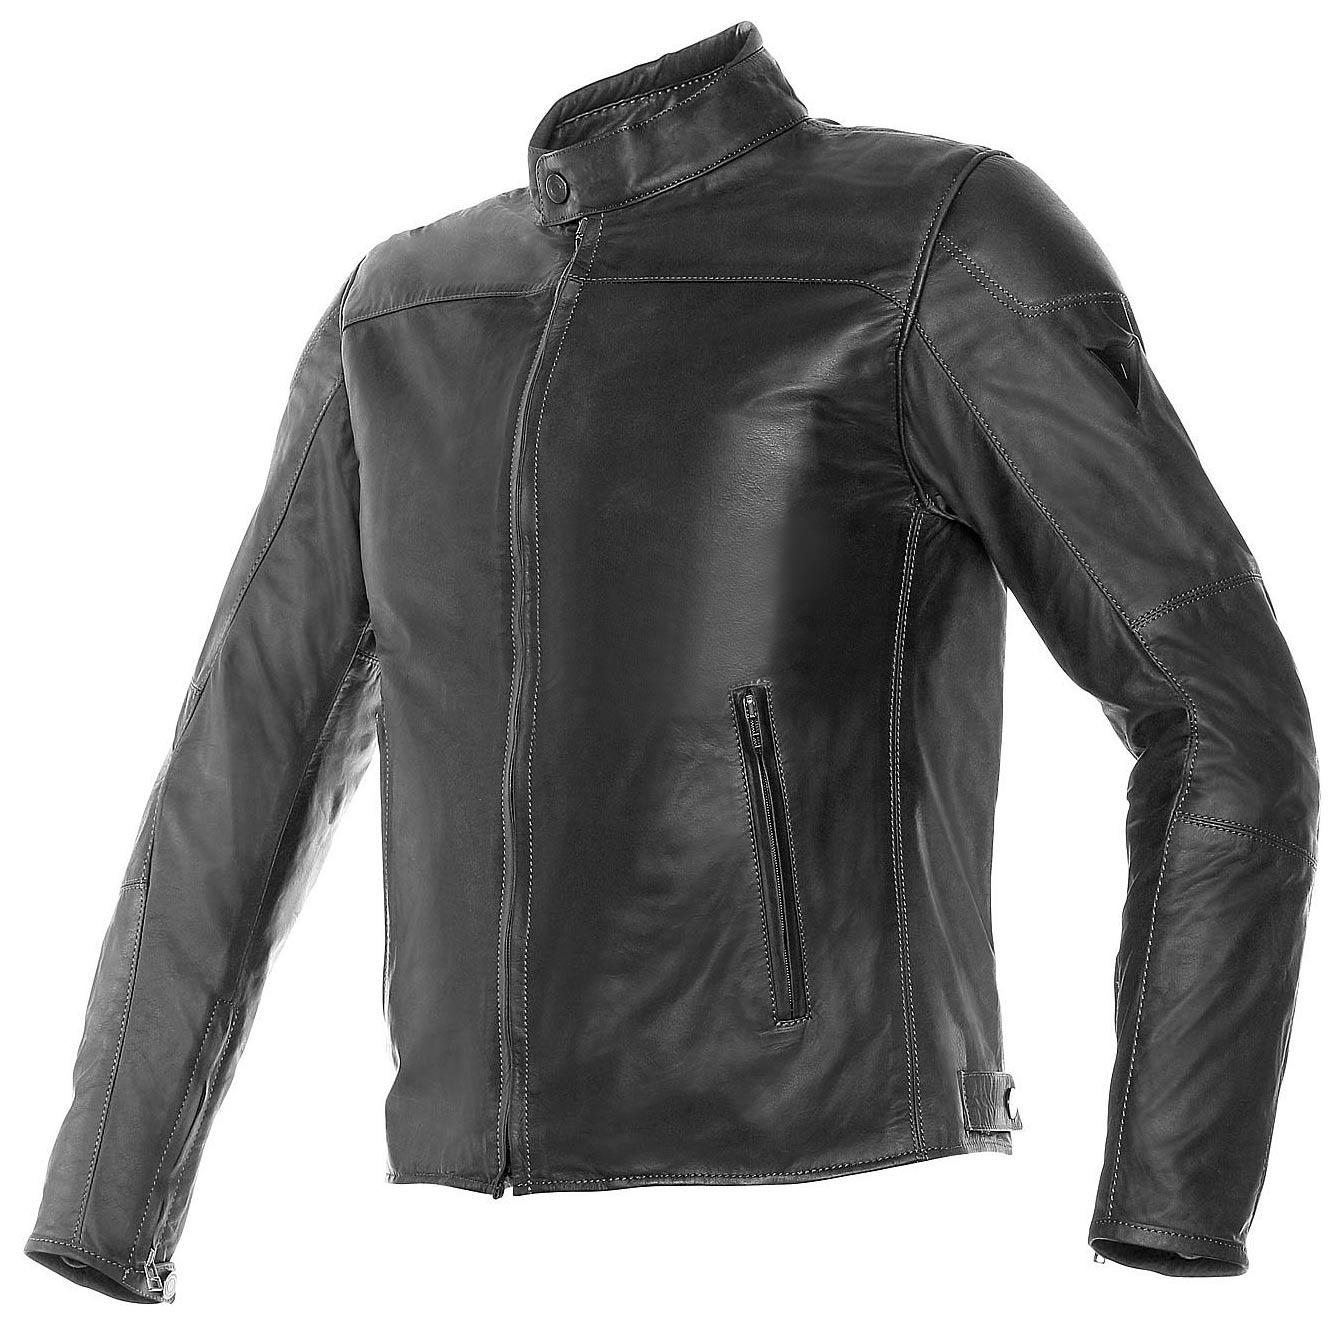 blouson mike pelle dainese blouson et veste cuir blouson et veste moto japauto. Black Bedroom Furniture Sets. Home Design Ideas